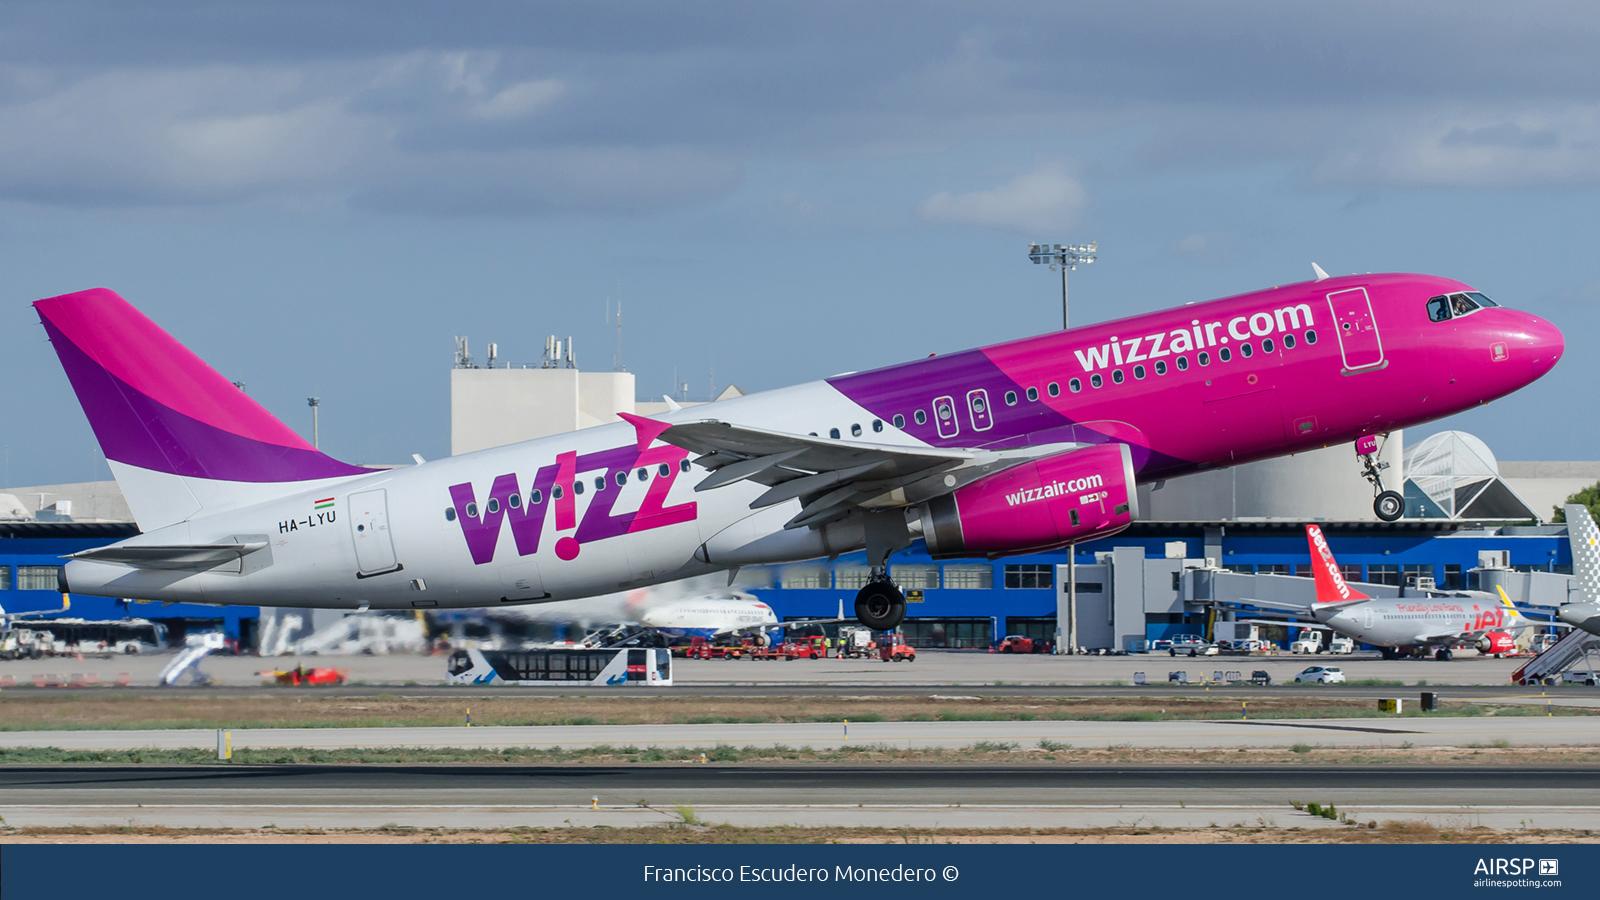 Wizz AirAirbus A320HA-LYU